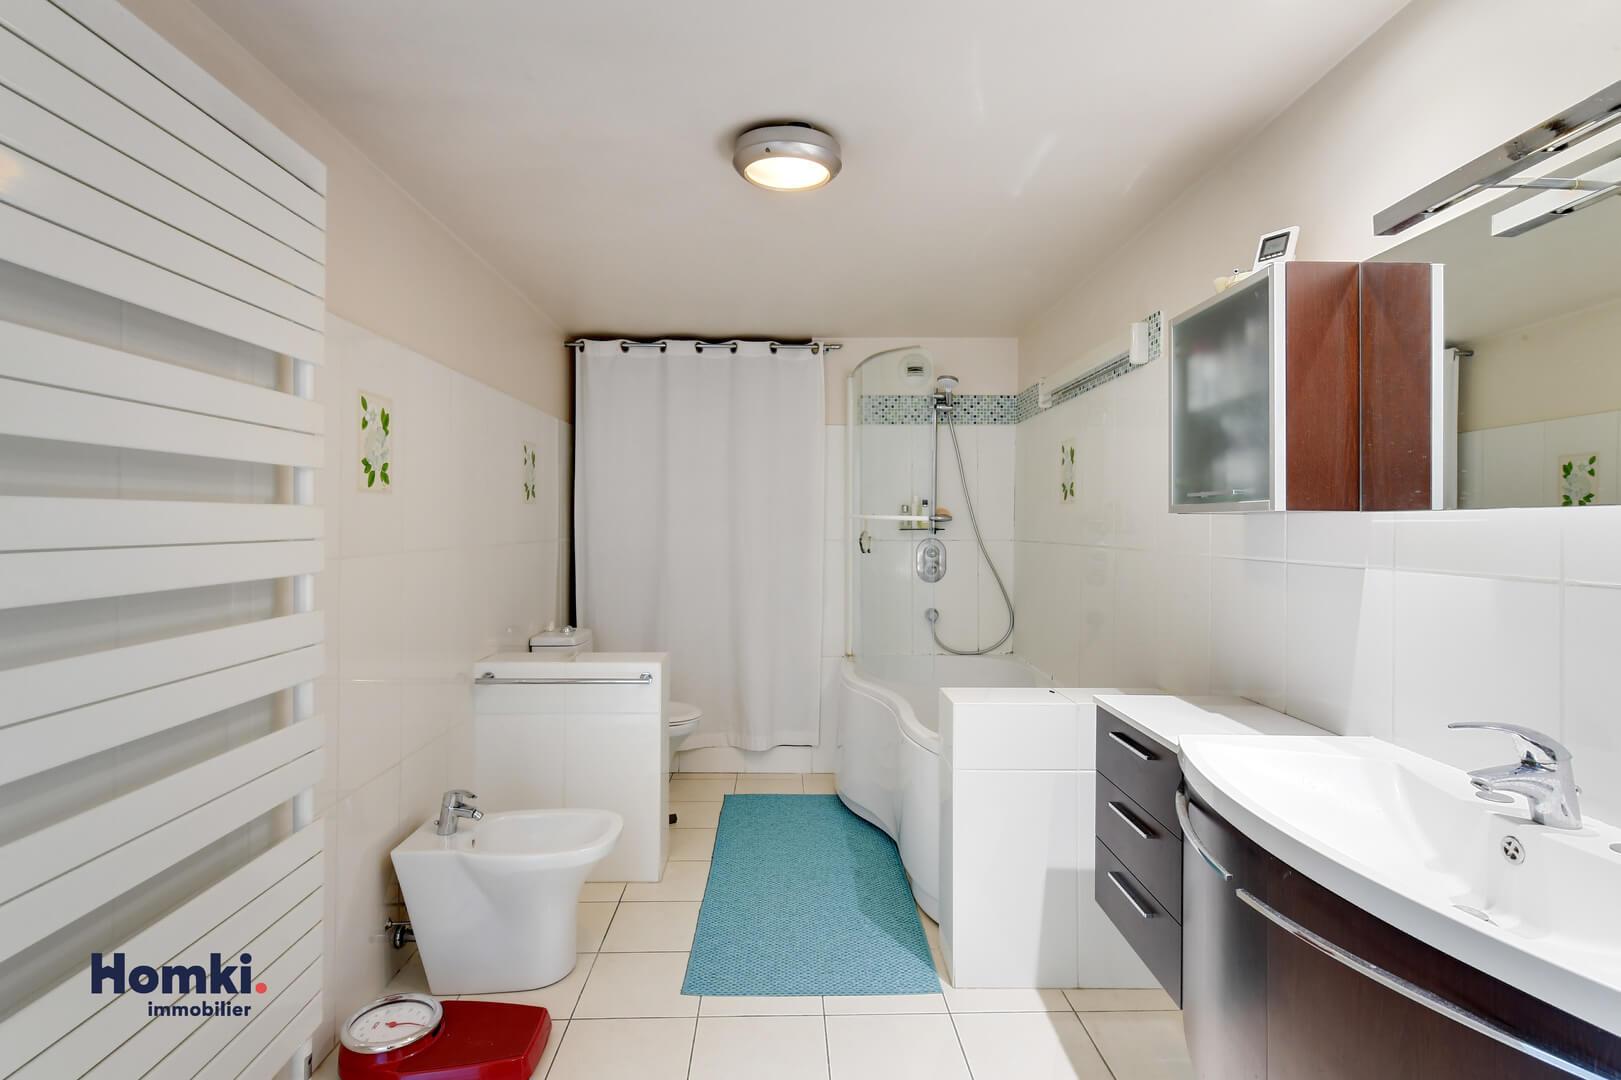 Vente appartement duplex Antibes 06600 T4 90m²_8